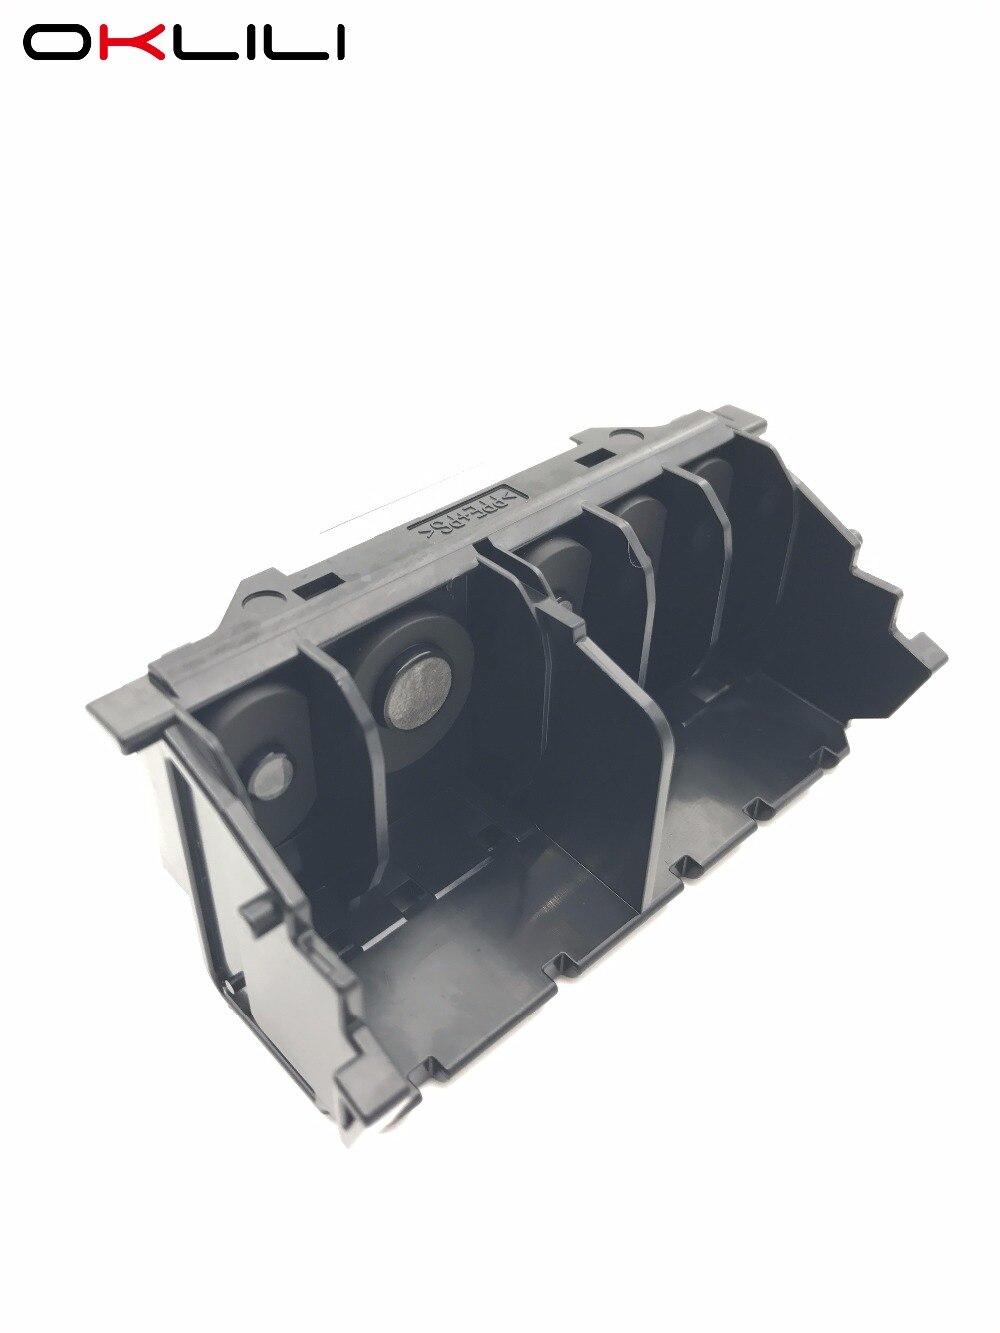 QY6-0082 Tête D'impression Tête d'impression pour Canon MG5520 MG5540 MG5550 MG5650 MG5740 MG5750 MG6440 MG6600 MG6420 MG6450 MG6640 MG6650 - 4